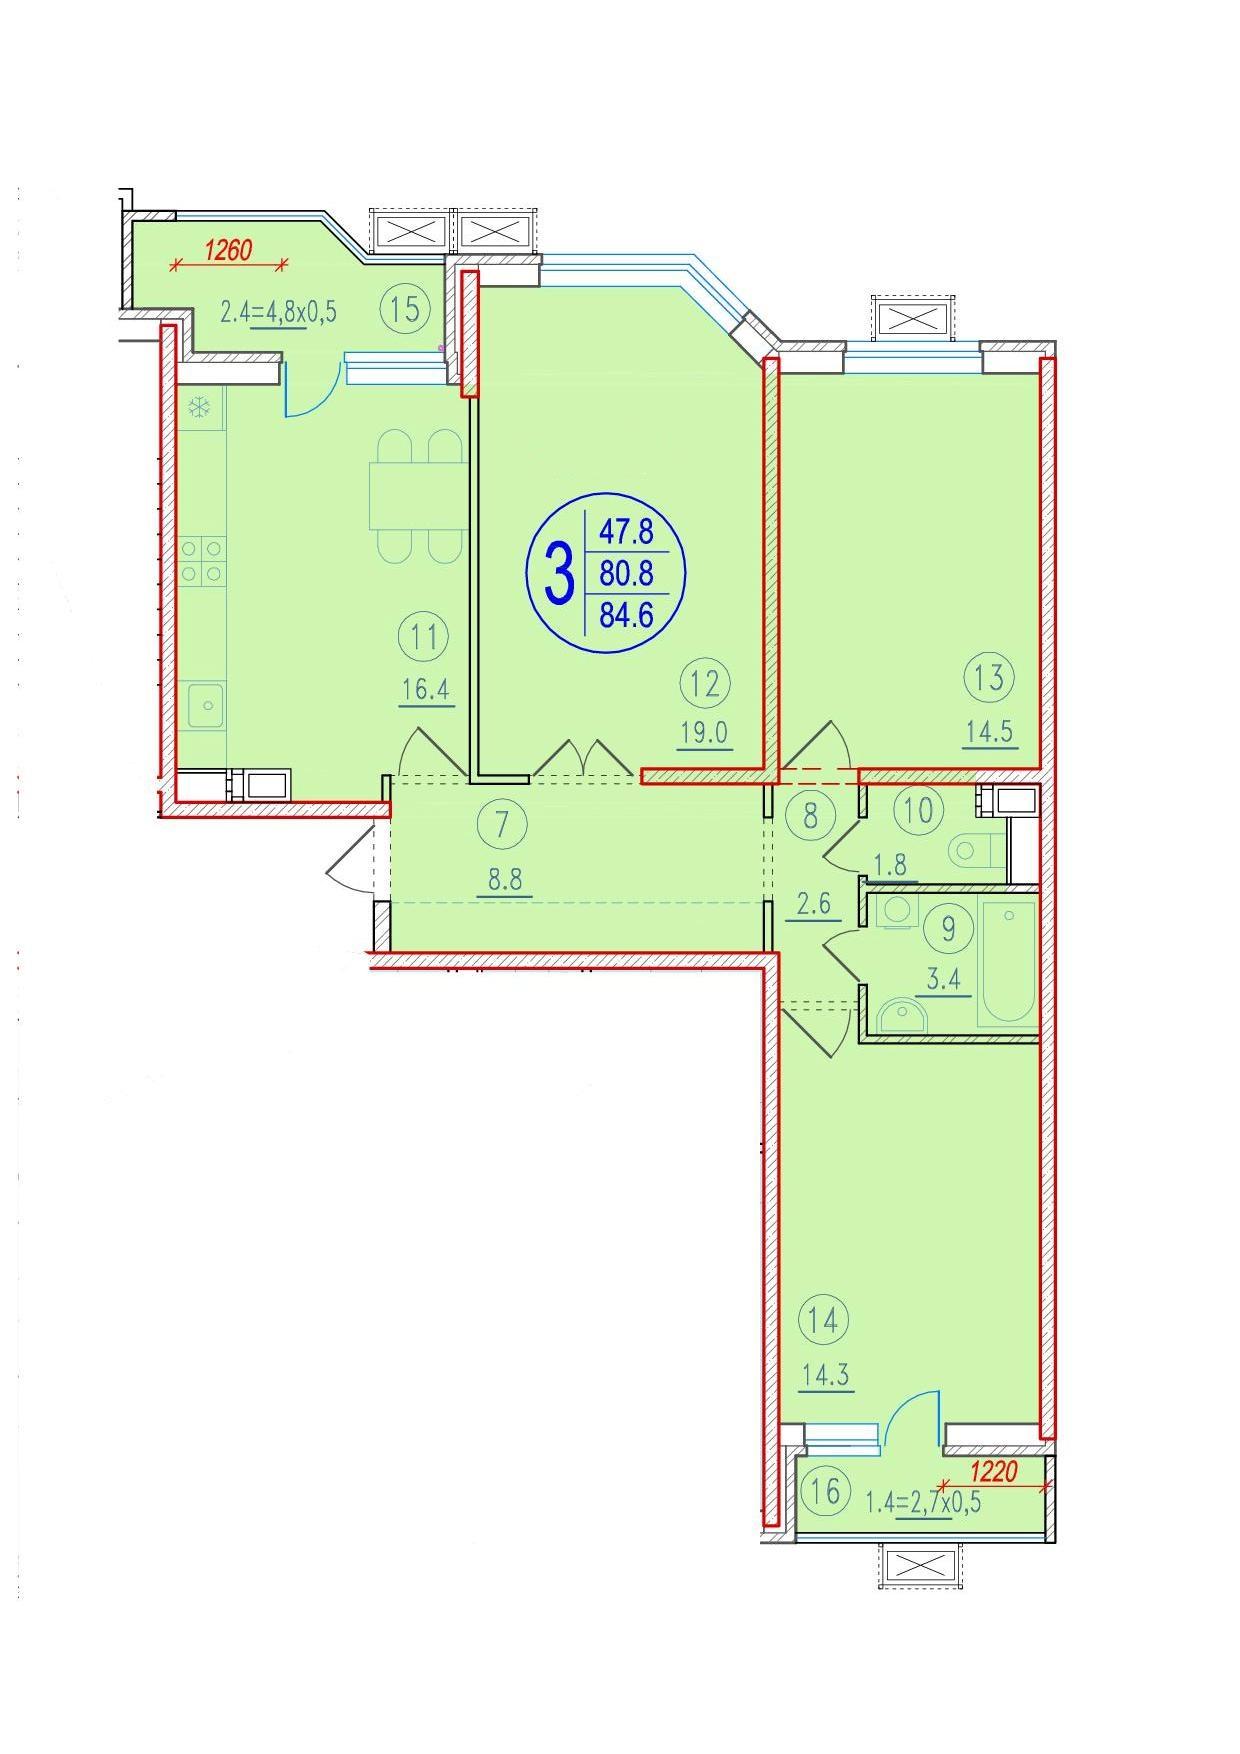 3-комнатная 84.6<span>м<sup>2</sup></span>